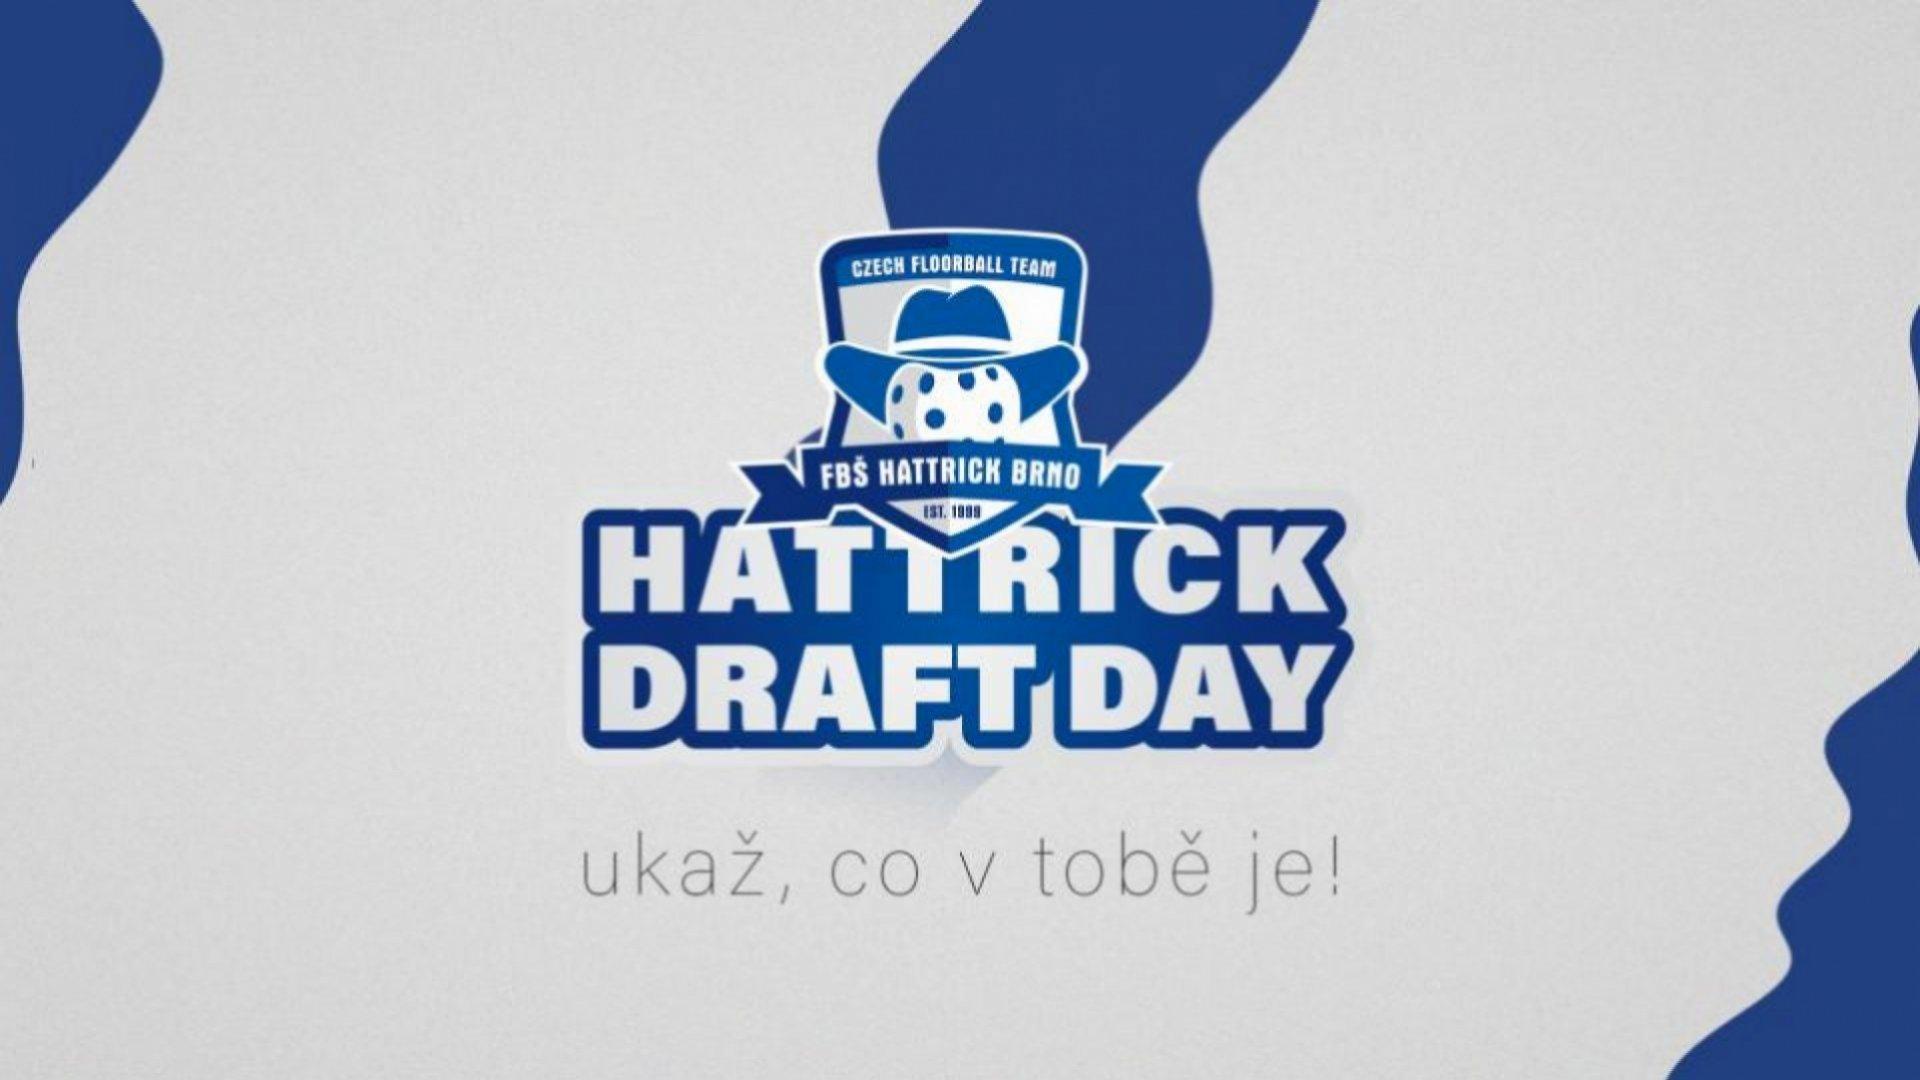 Hattrick Draft Day 2021: Ukaž své schopnosti a začni za nás hrát!